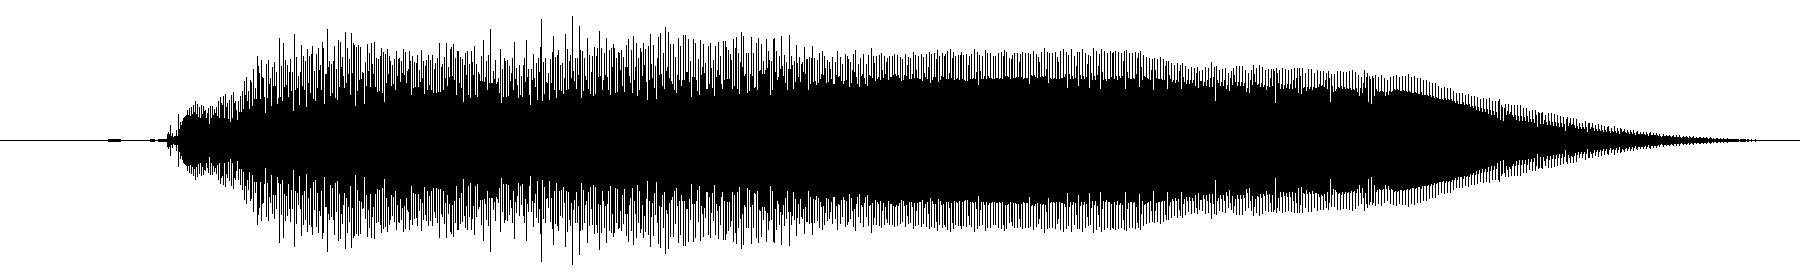 49956 ratt placerad atom v6 wav